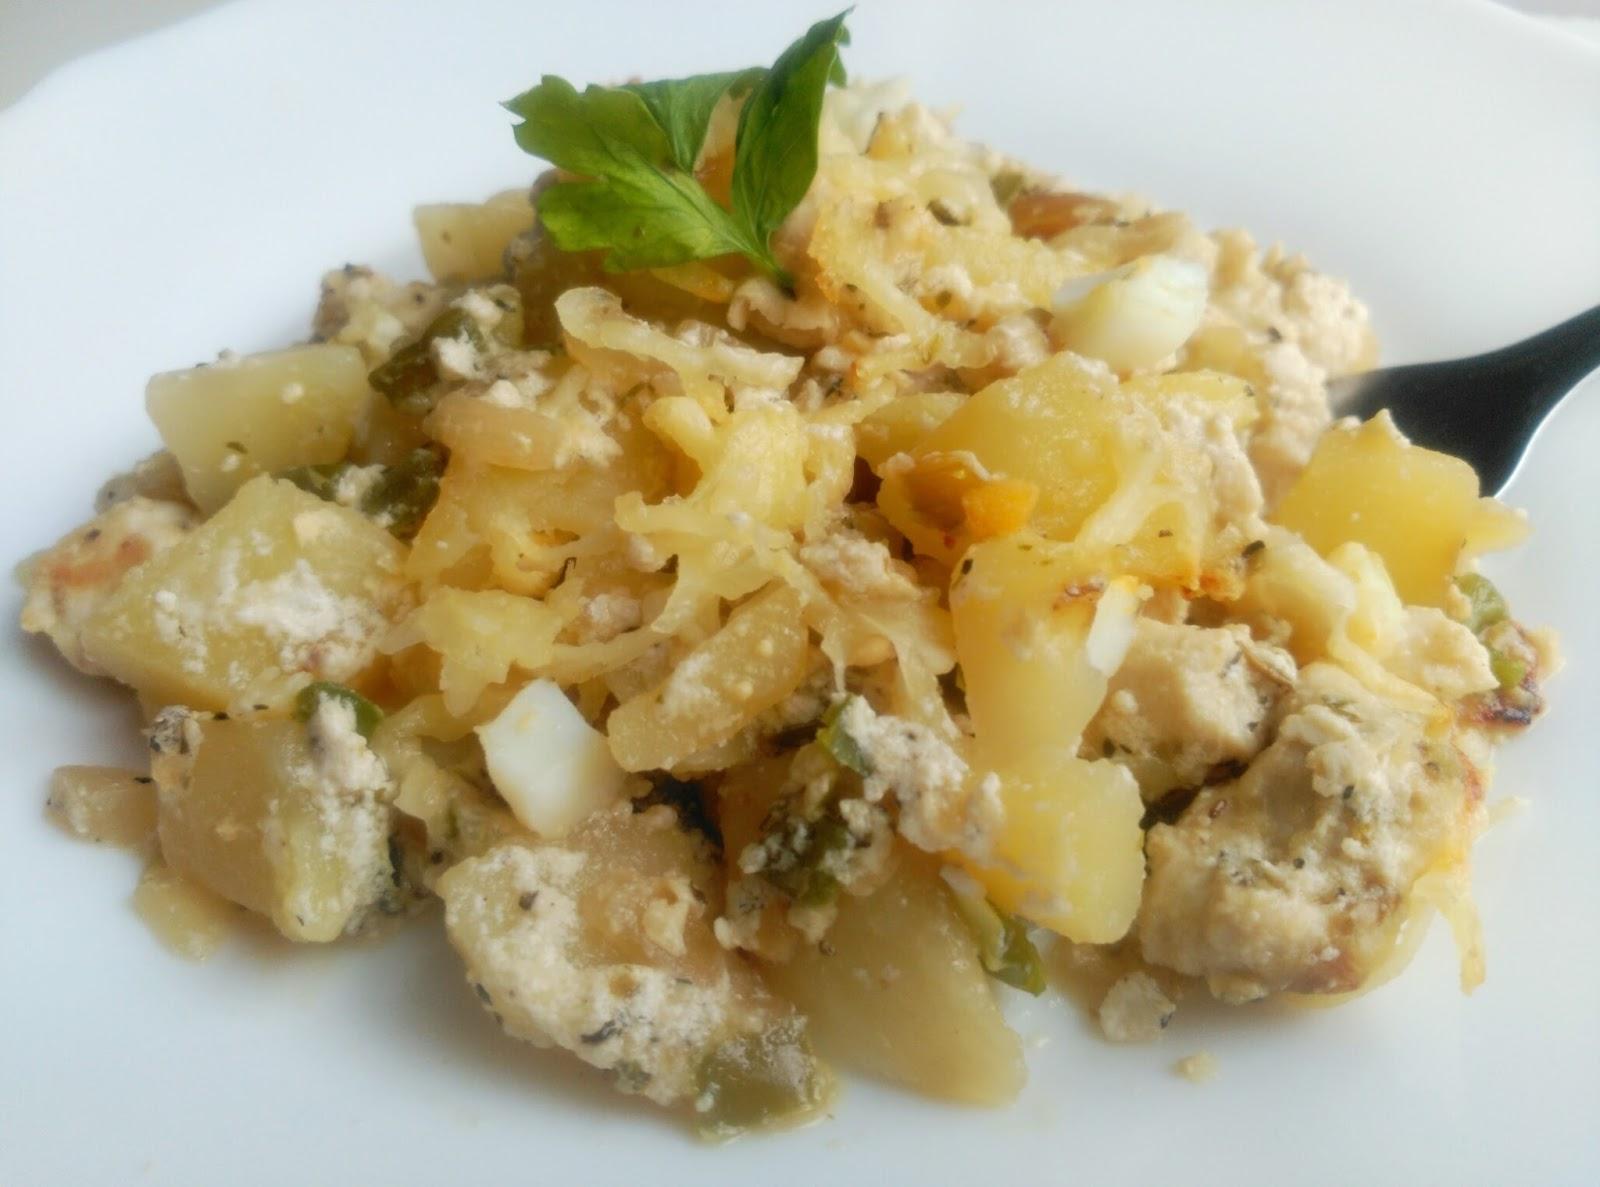 Gratinado de patatas con pollo al horno recetas fitness for Pechugas de pollo al horno con patatas